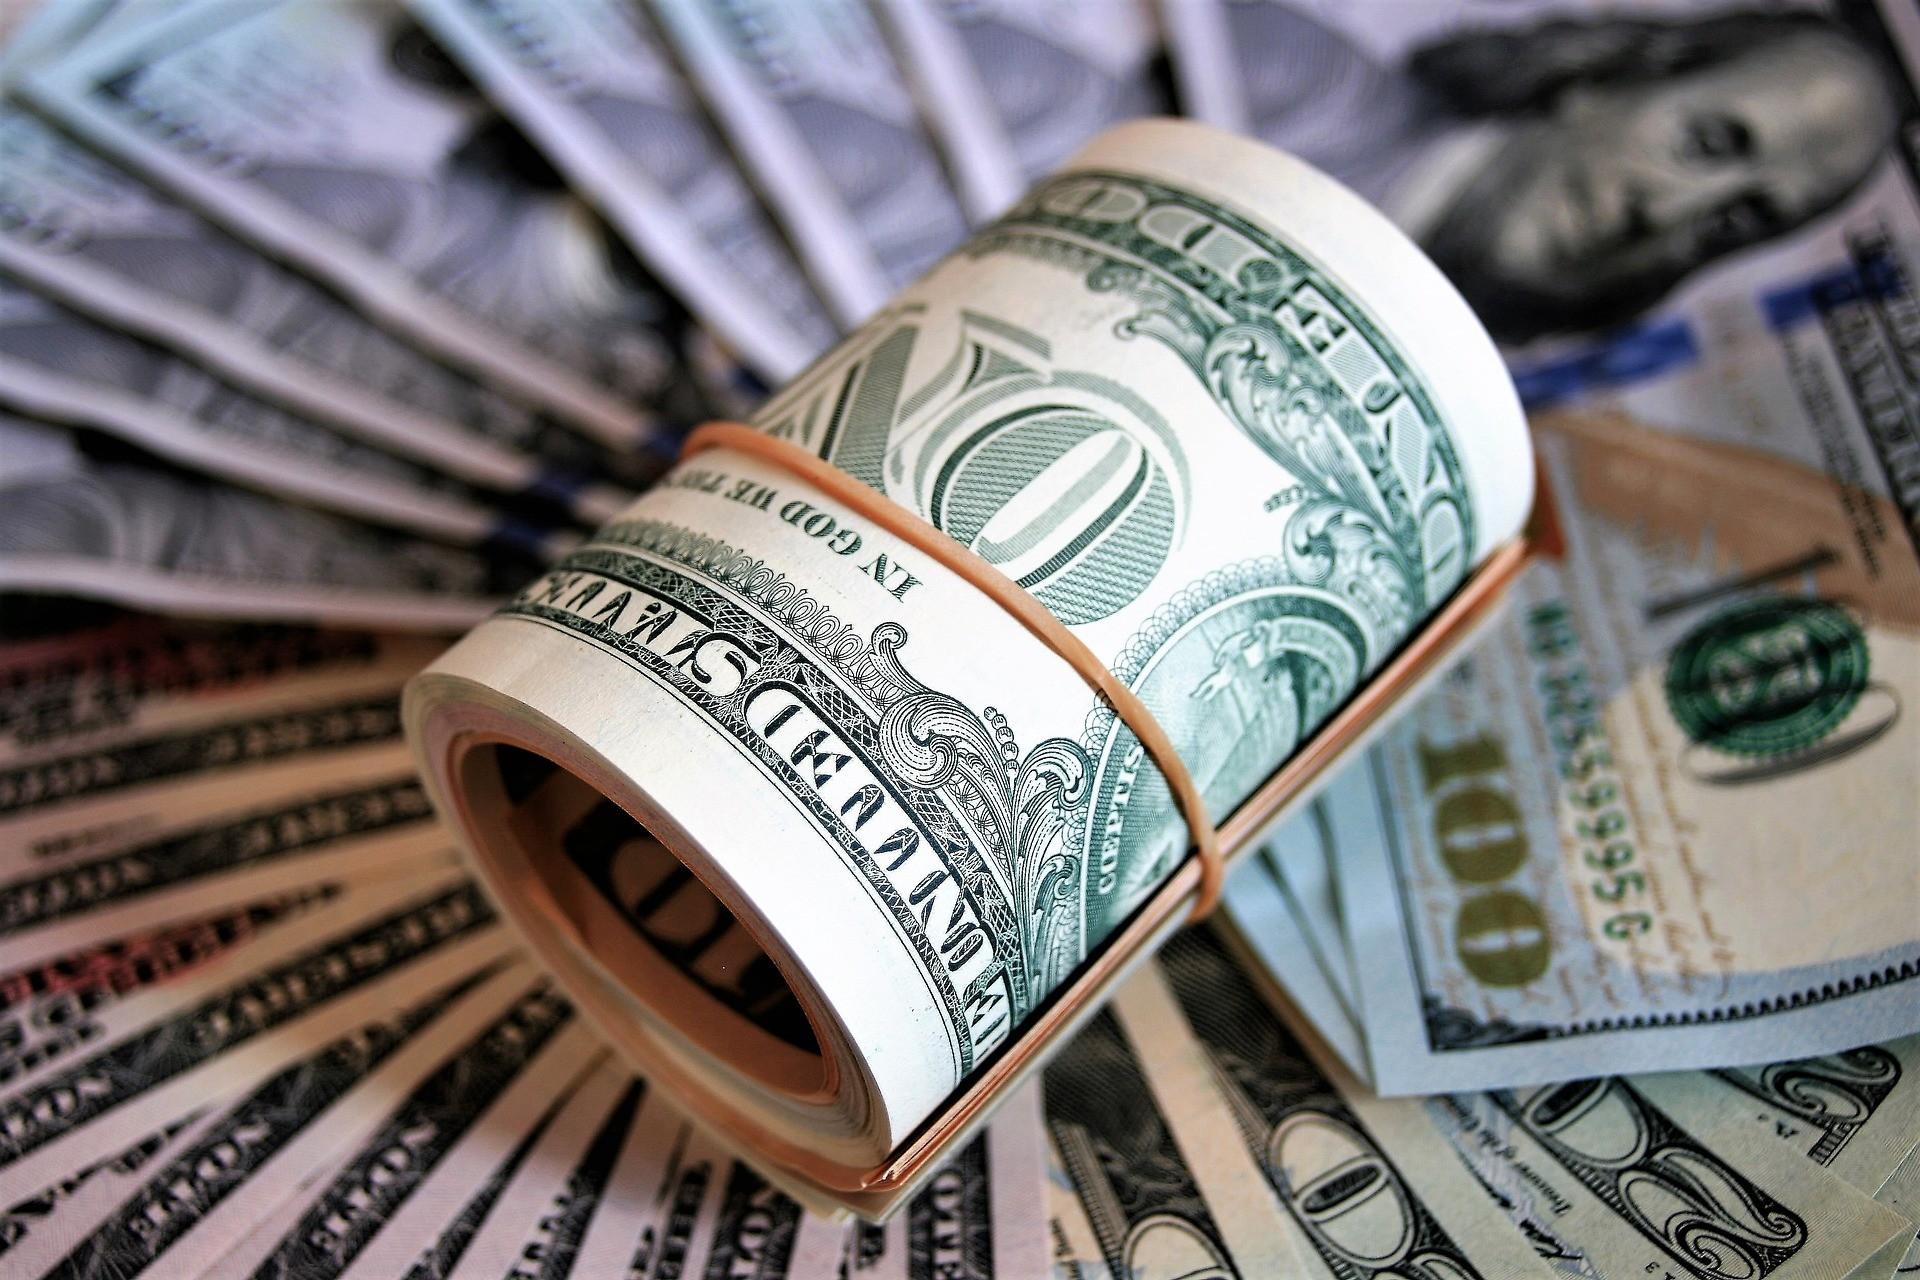 ▲儲蓄,理財,存錢,記帳,消費,財務,鈔票,美元,美金,投資,金錢。(圖/pixabay)